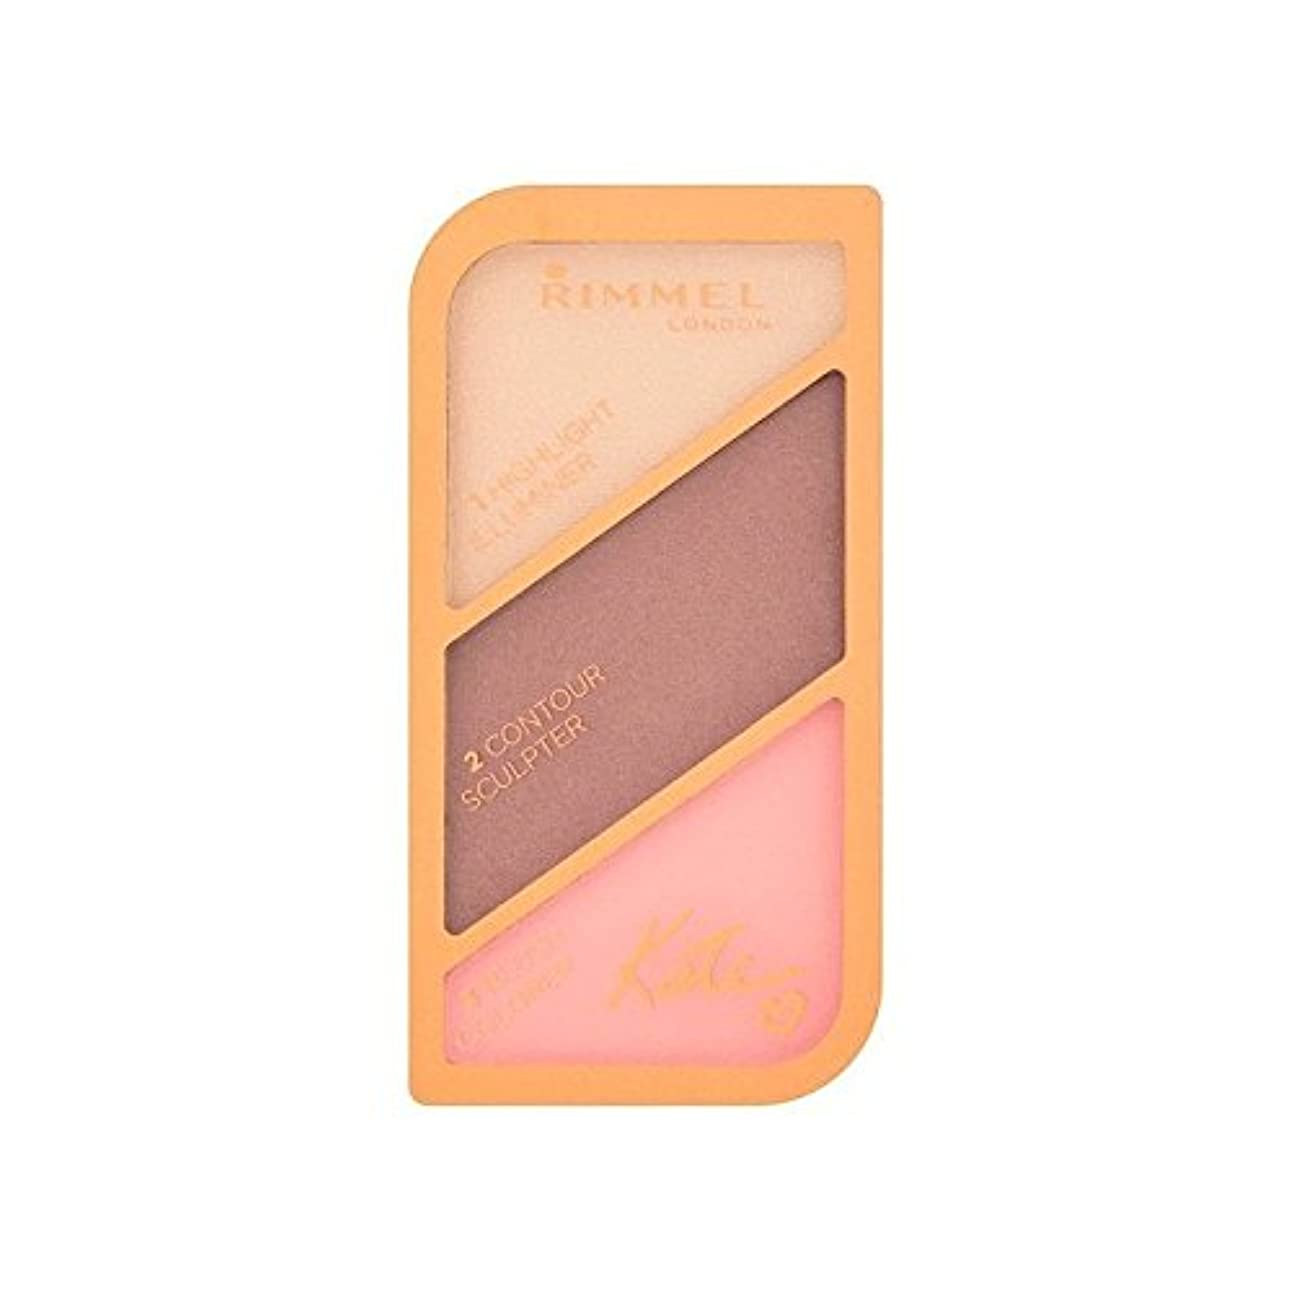 チーズ委任タッチリンメルケイト?モスの彫刻パレット黄金のブロンズ003 x2 - Rimmel Kate Moss Sculpting Palette Golden Bronze 003 (Pack of 2) [並行輸入品]